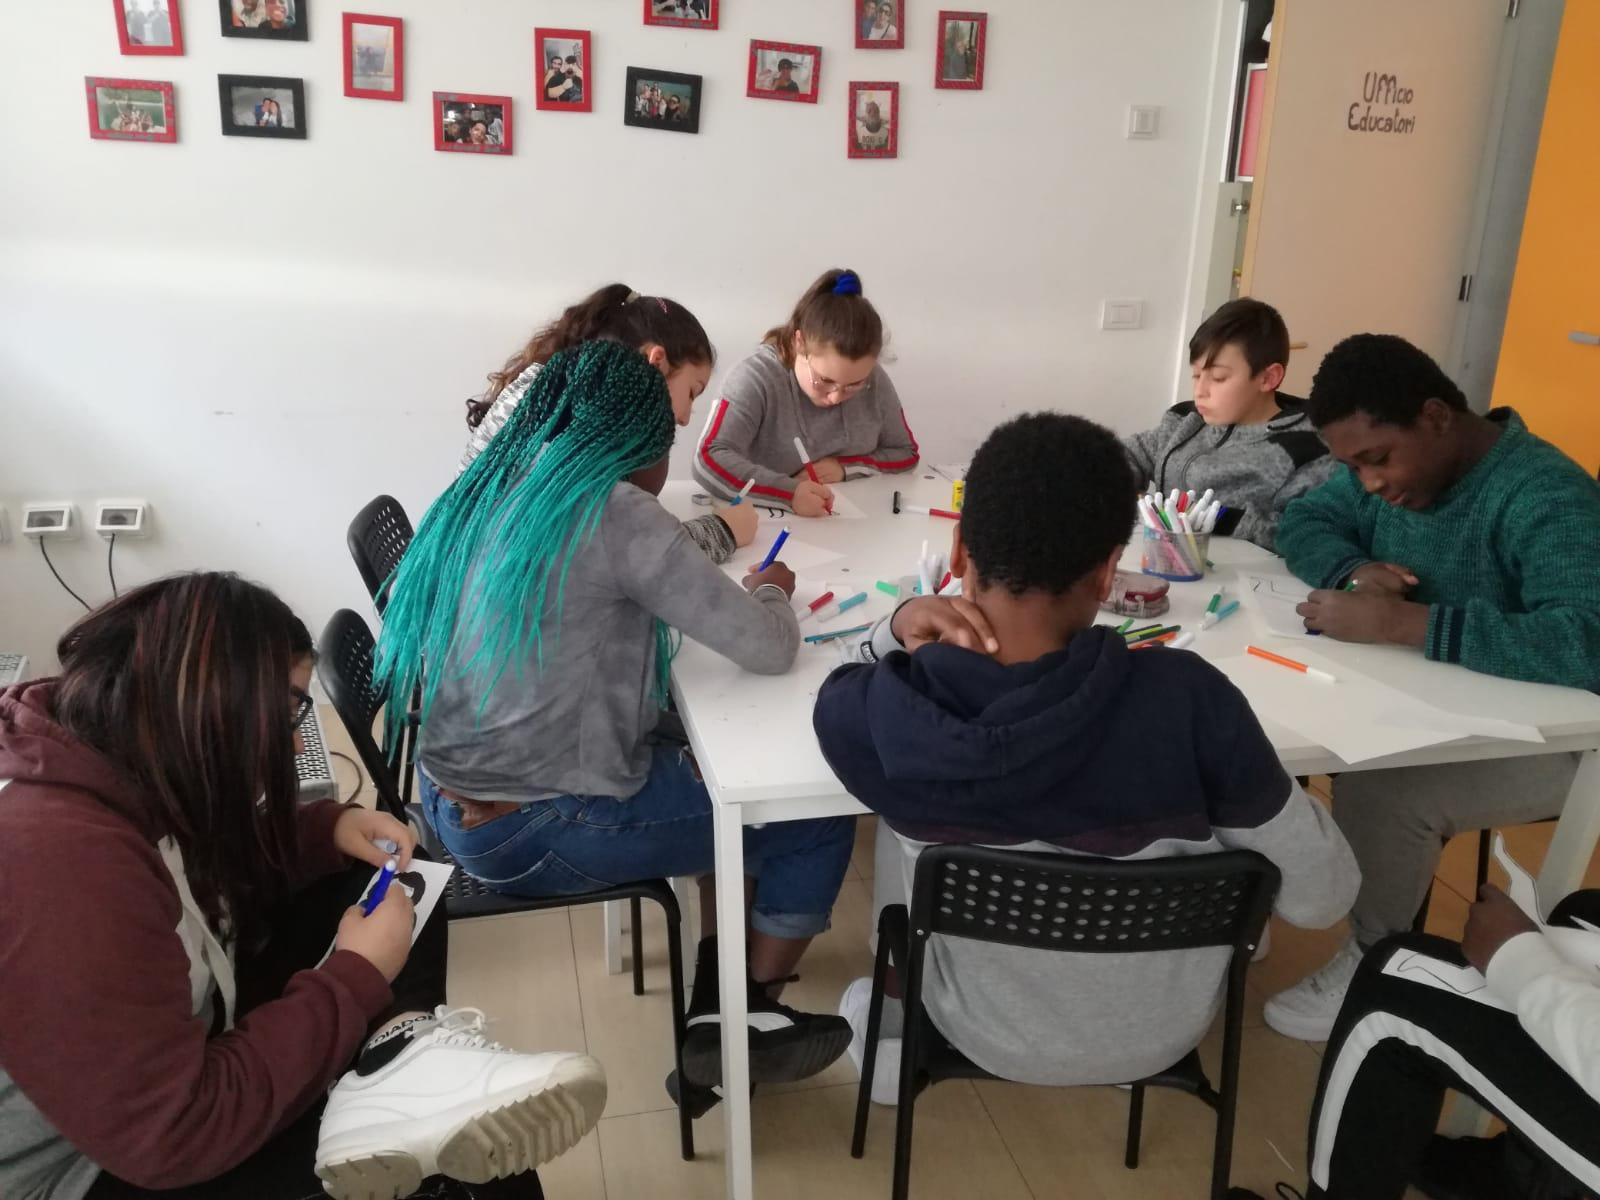 ragazzi-adolescenti-studiano ad un tavolo CEM Borgomanero Vedogiovane scs